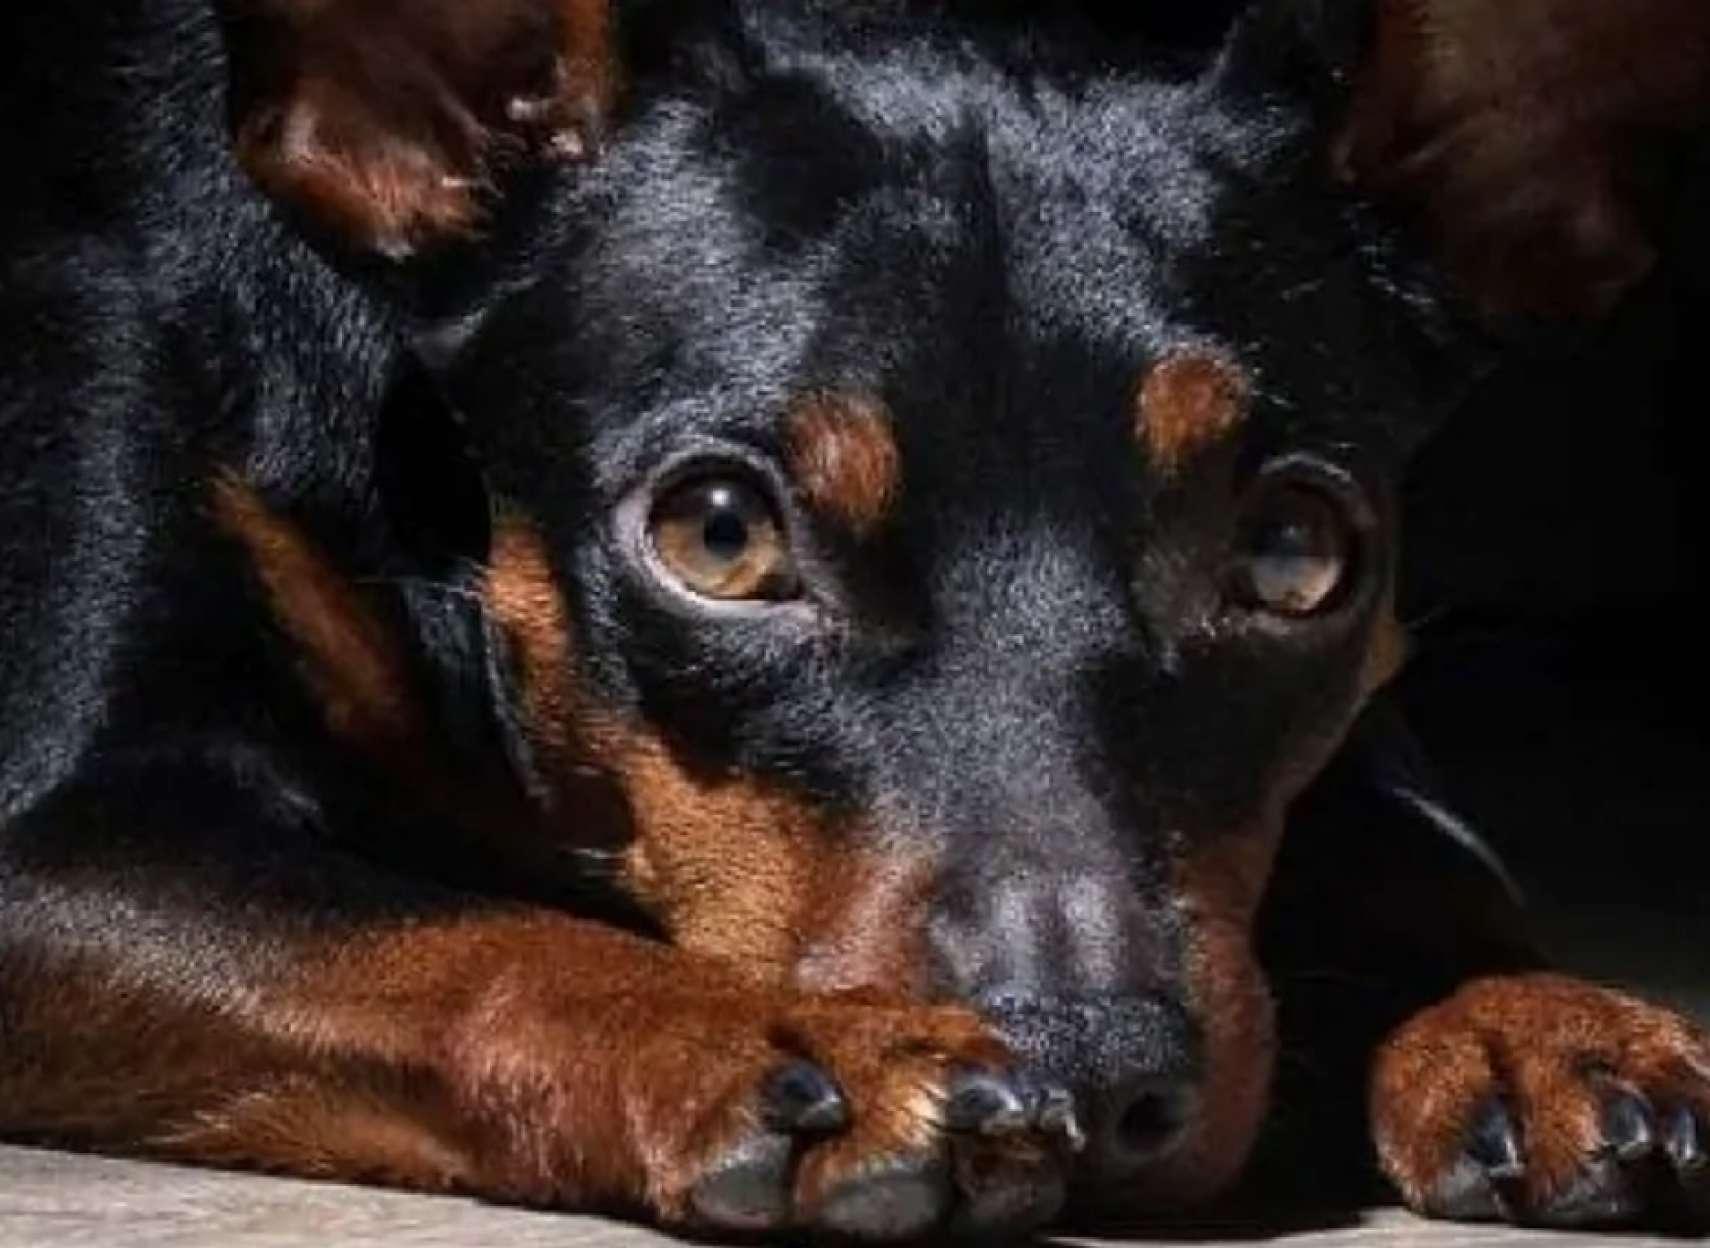 قانون-جدید-کانادا-برای-تحت-تعقیب-قرار-دادن-قساوت-نسبت-به-حیوانات-کانادا-اخبار